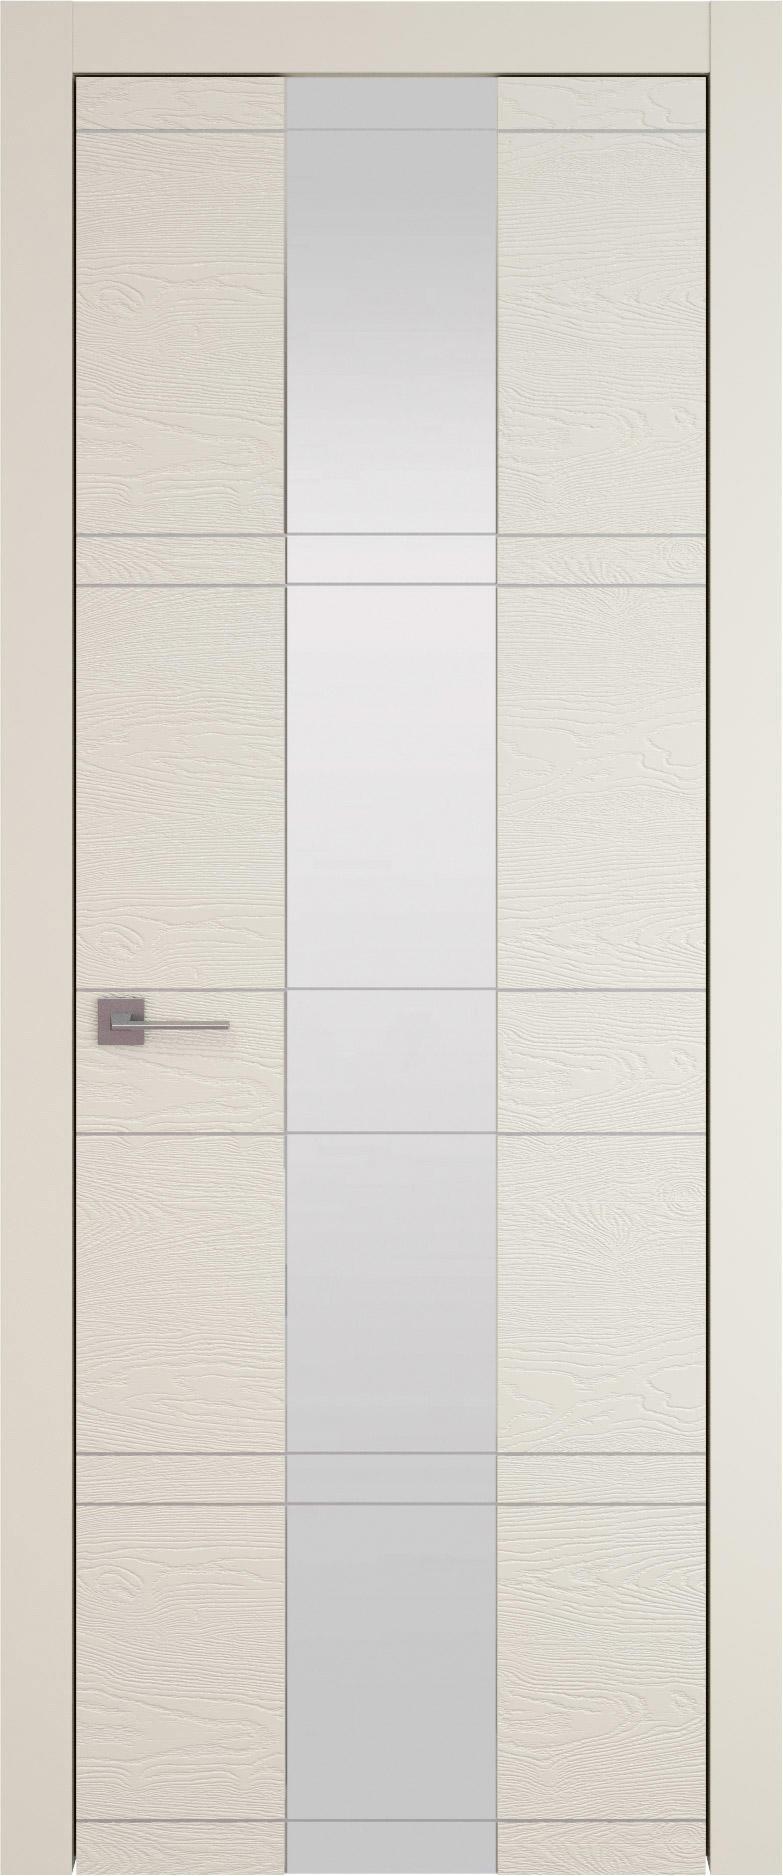 Tivoli Ж-2 цвет - Жемчужная эмаль по шпону (RAL 1013) Со стеклом (ДО)